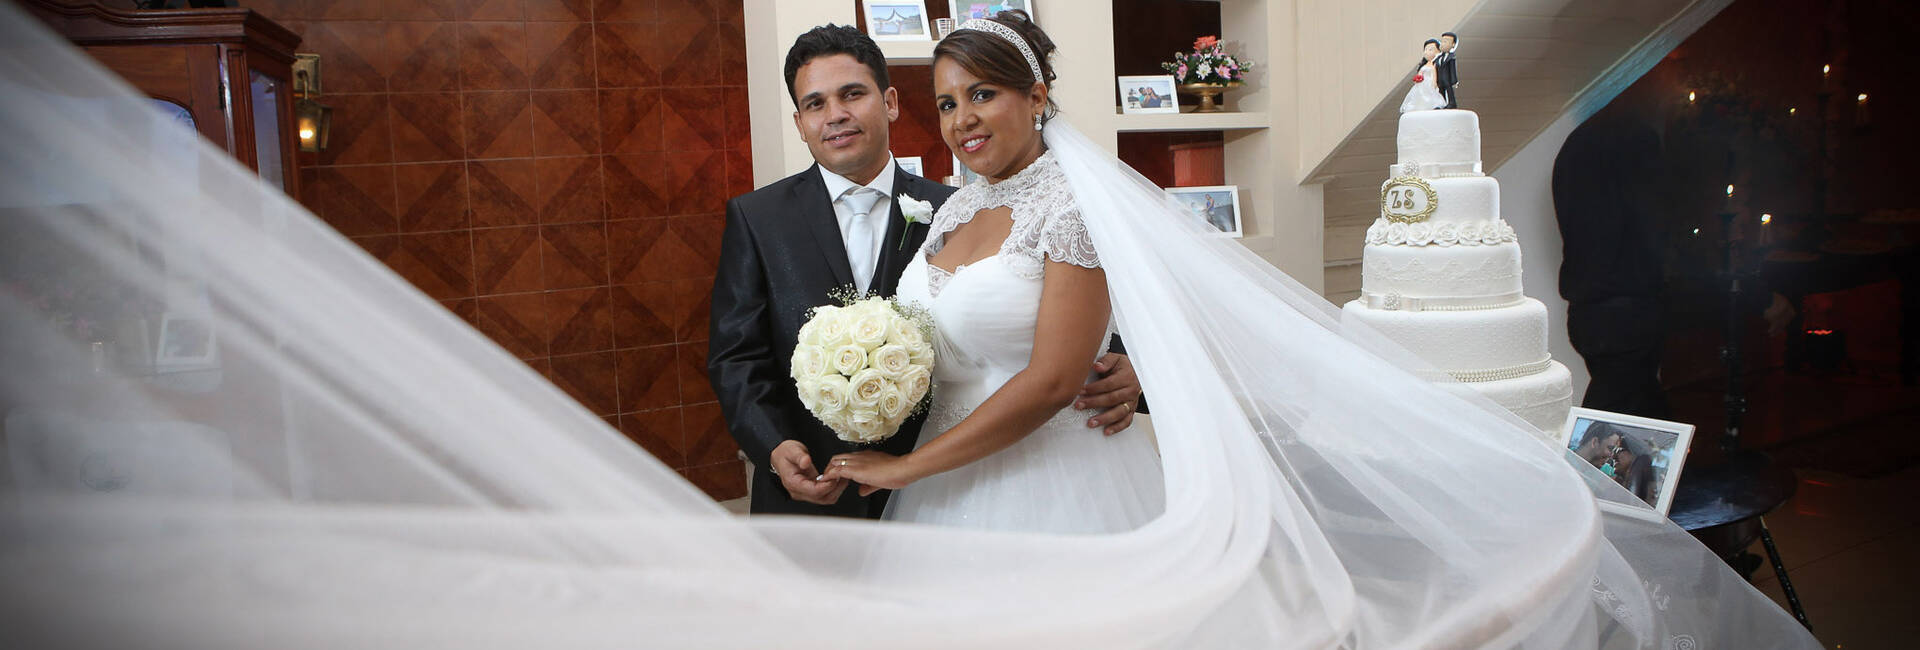 Casamento de Zuleide & Sivanildo